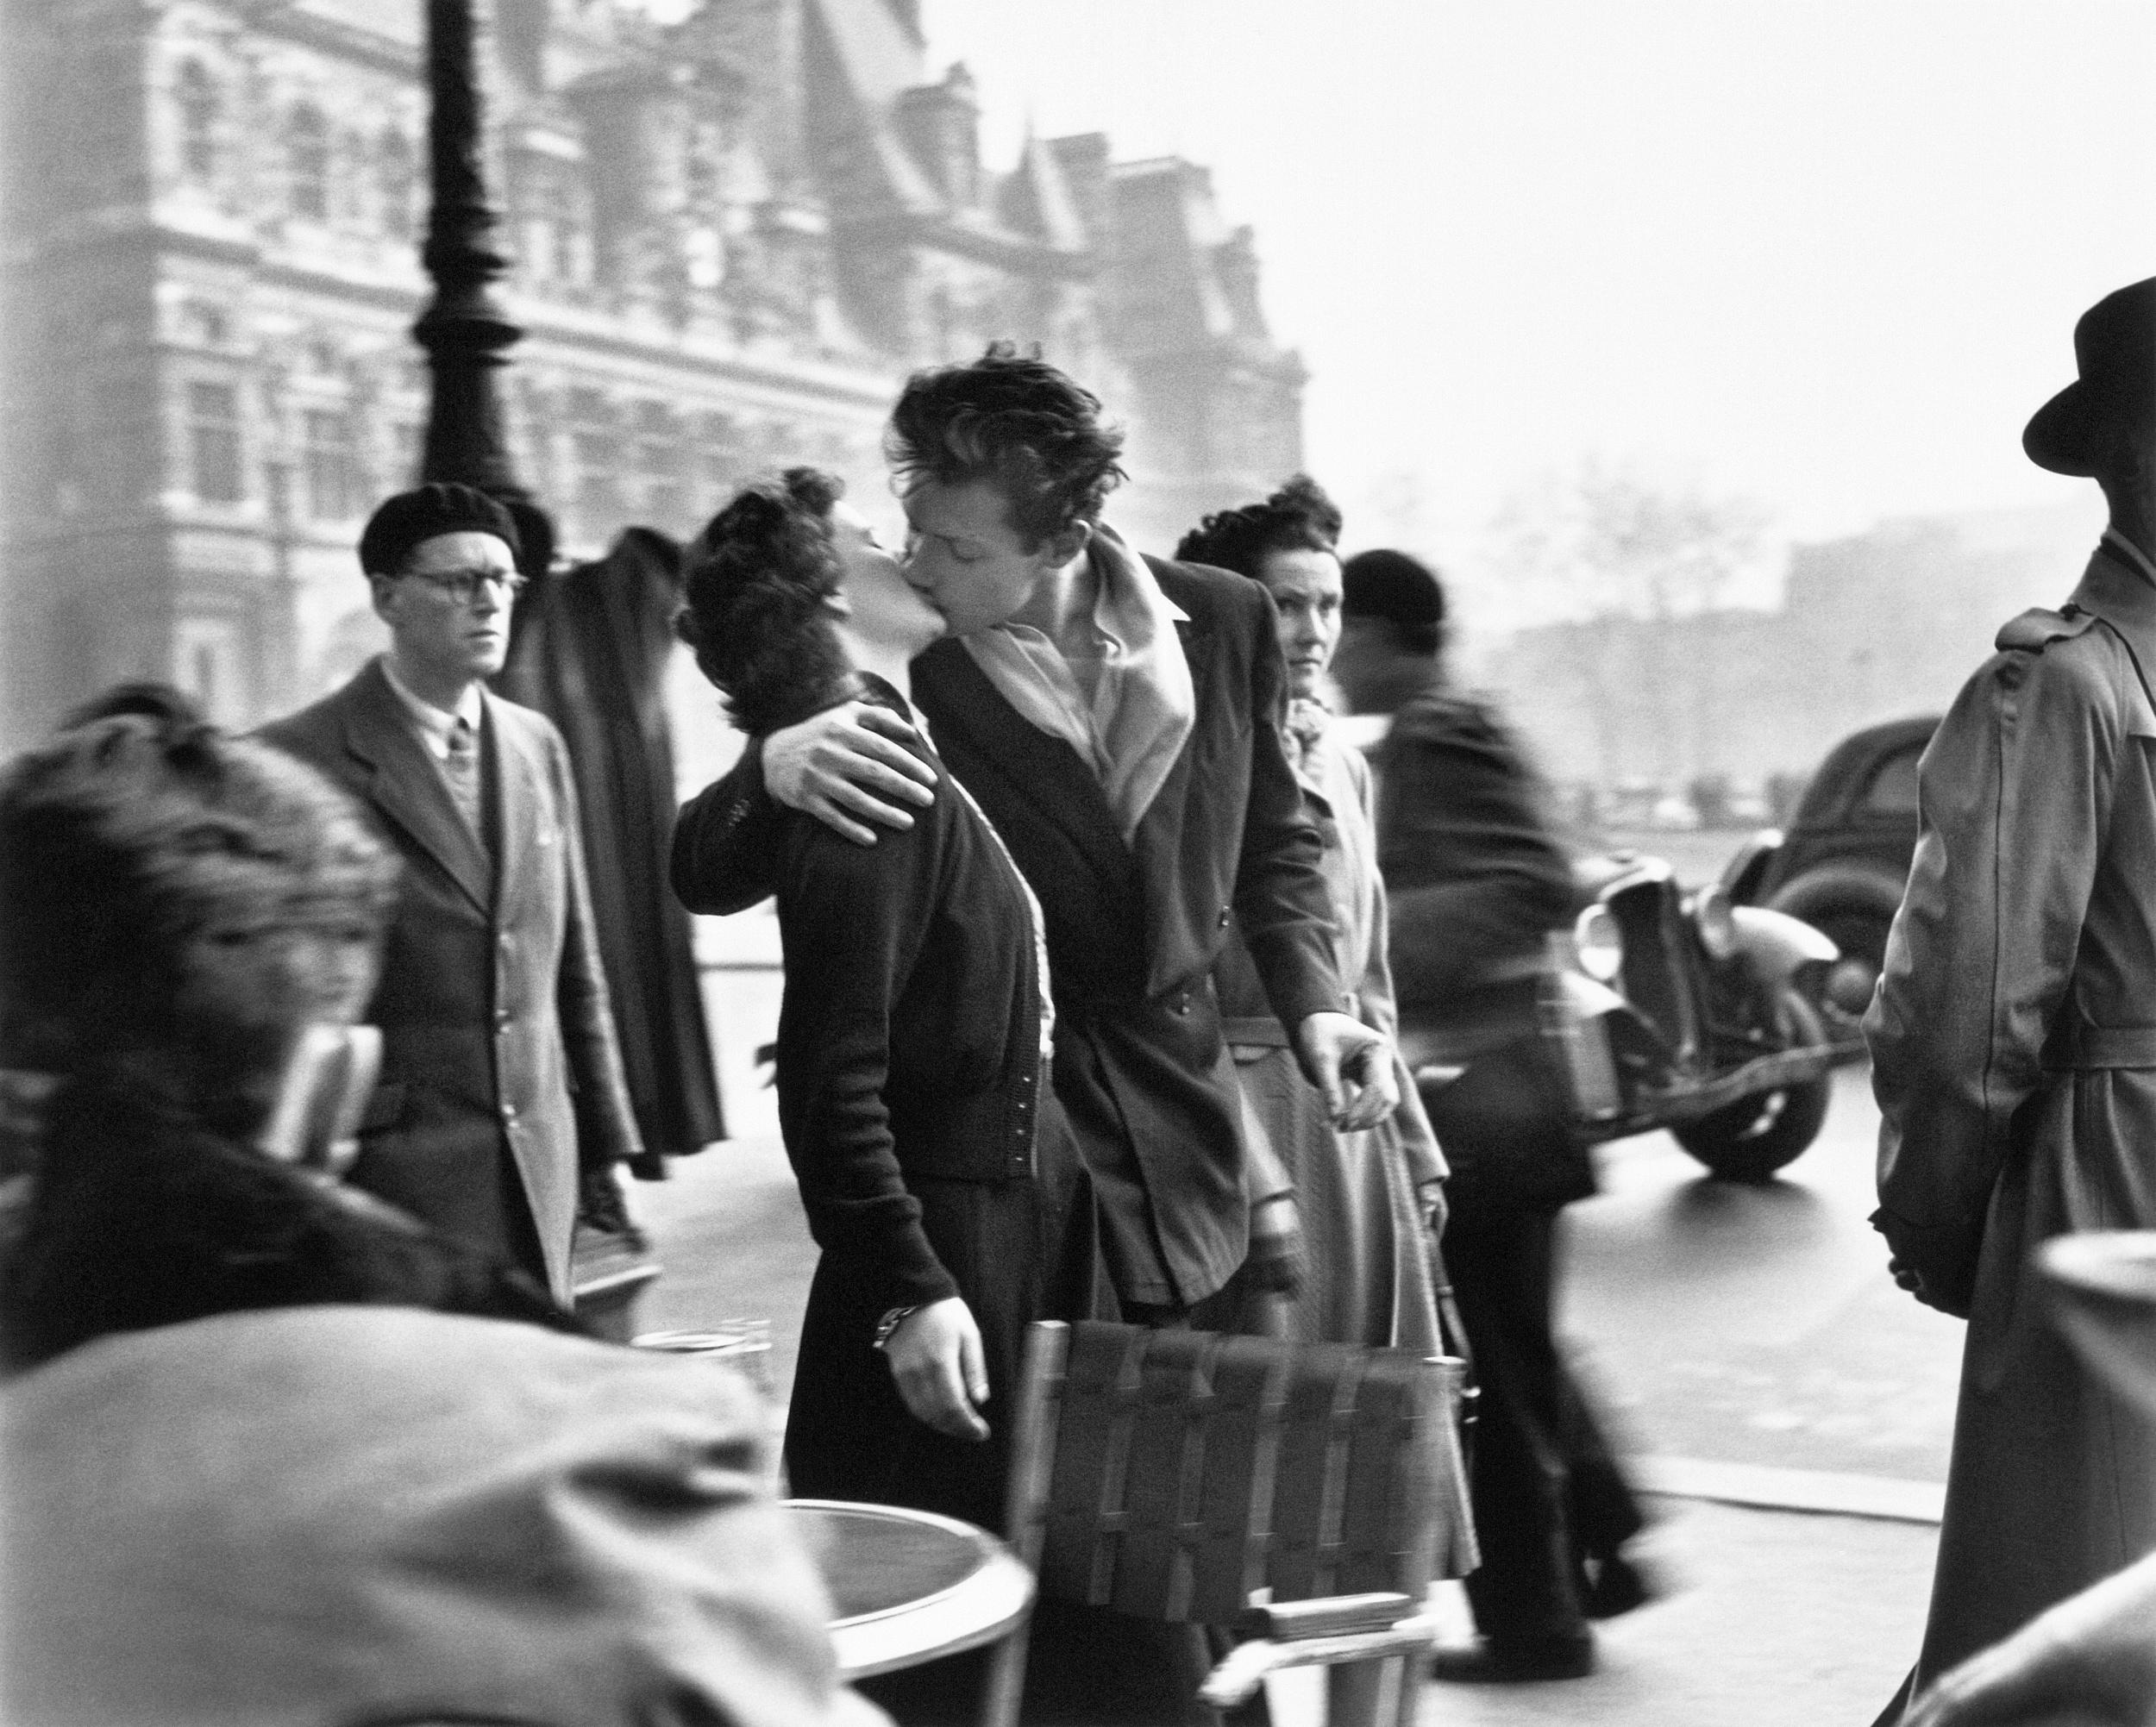 Fotó: Robert Doisneau: A csók a városháza előtt, Párizs, 1950, 18x24cm, © Atelier Robert Doisneau